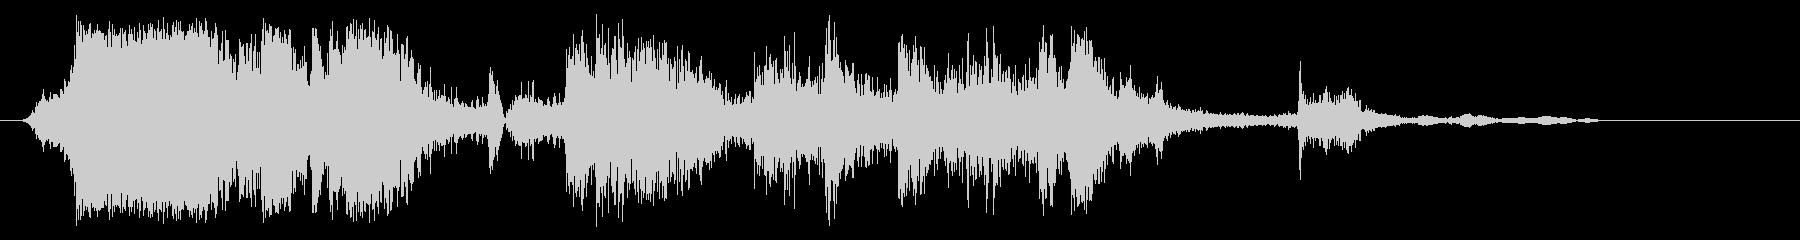 ガシャガシャ(金属音)の未再生の波形